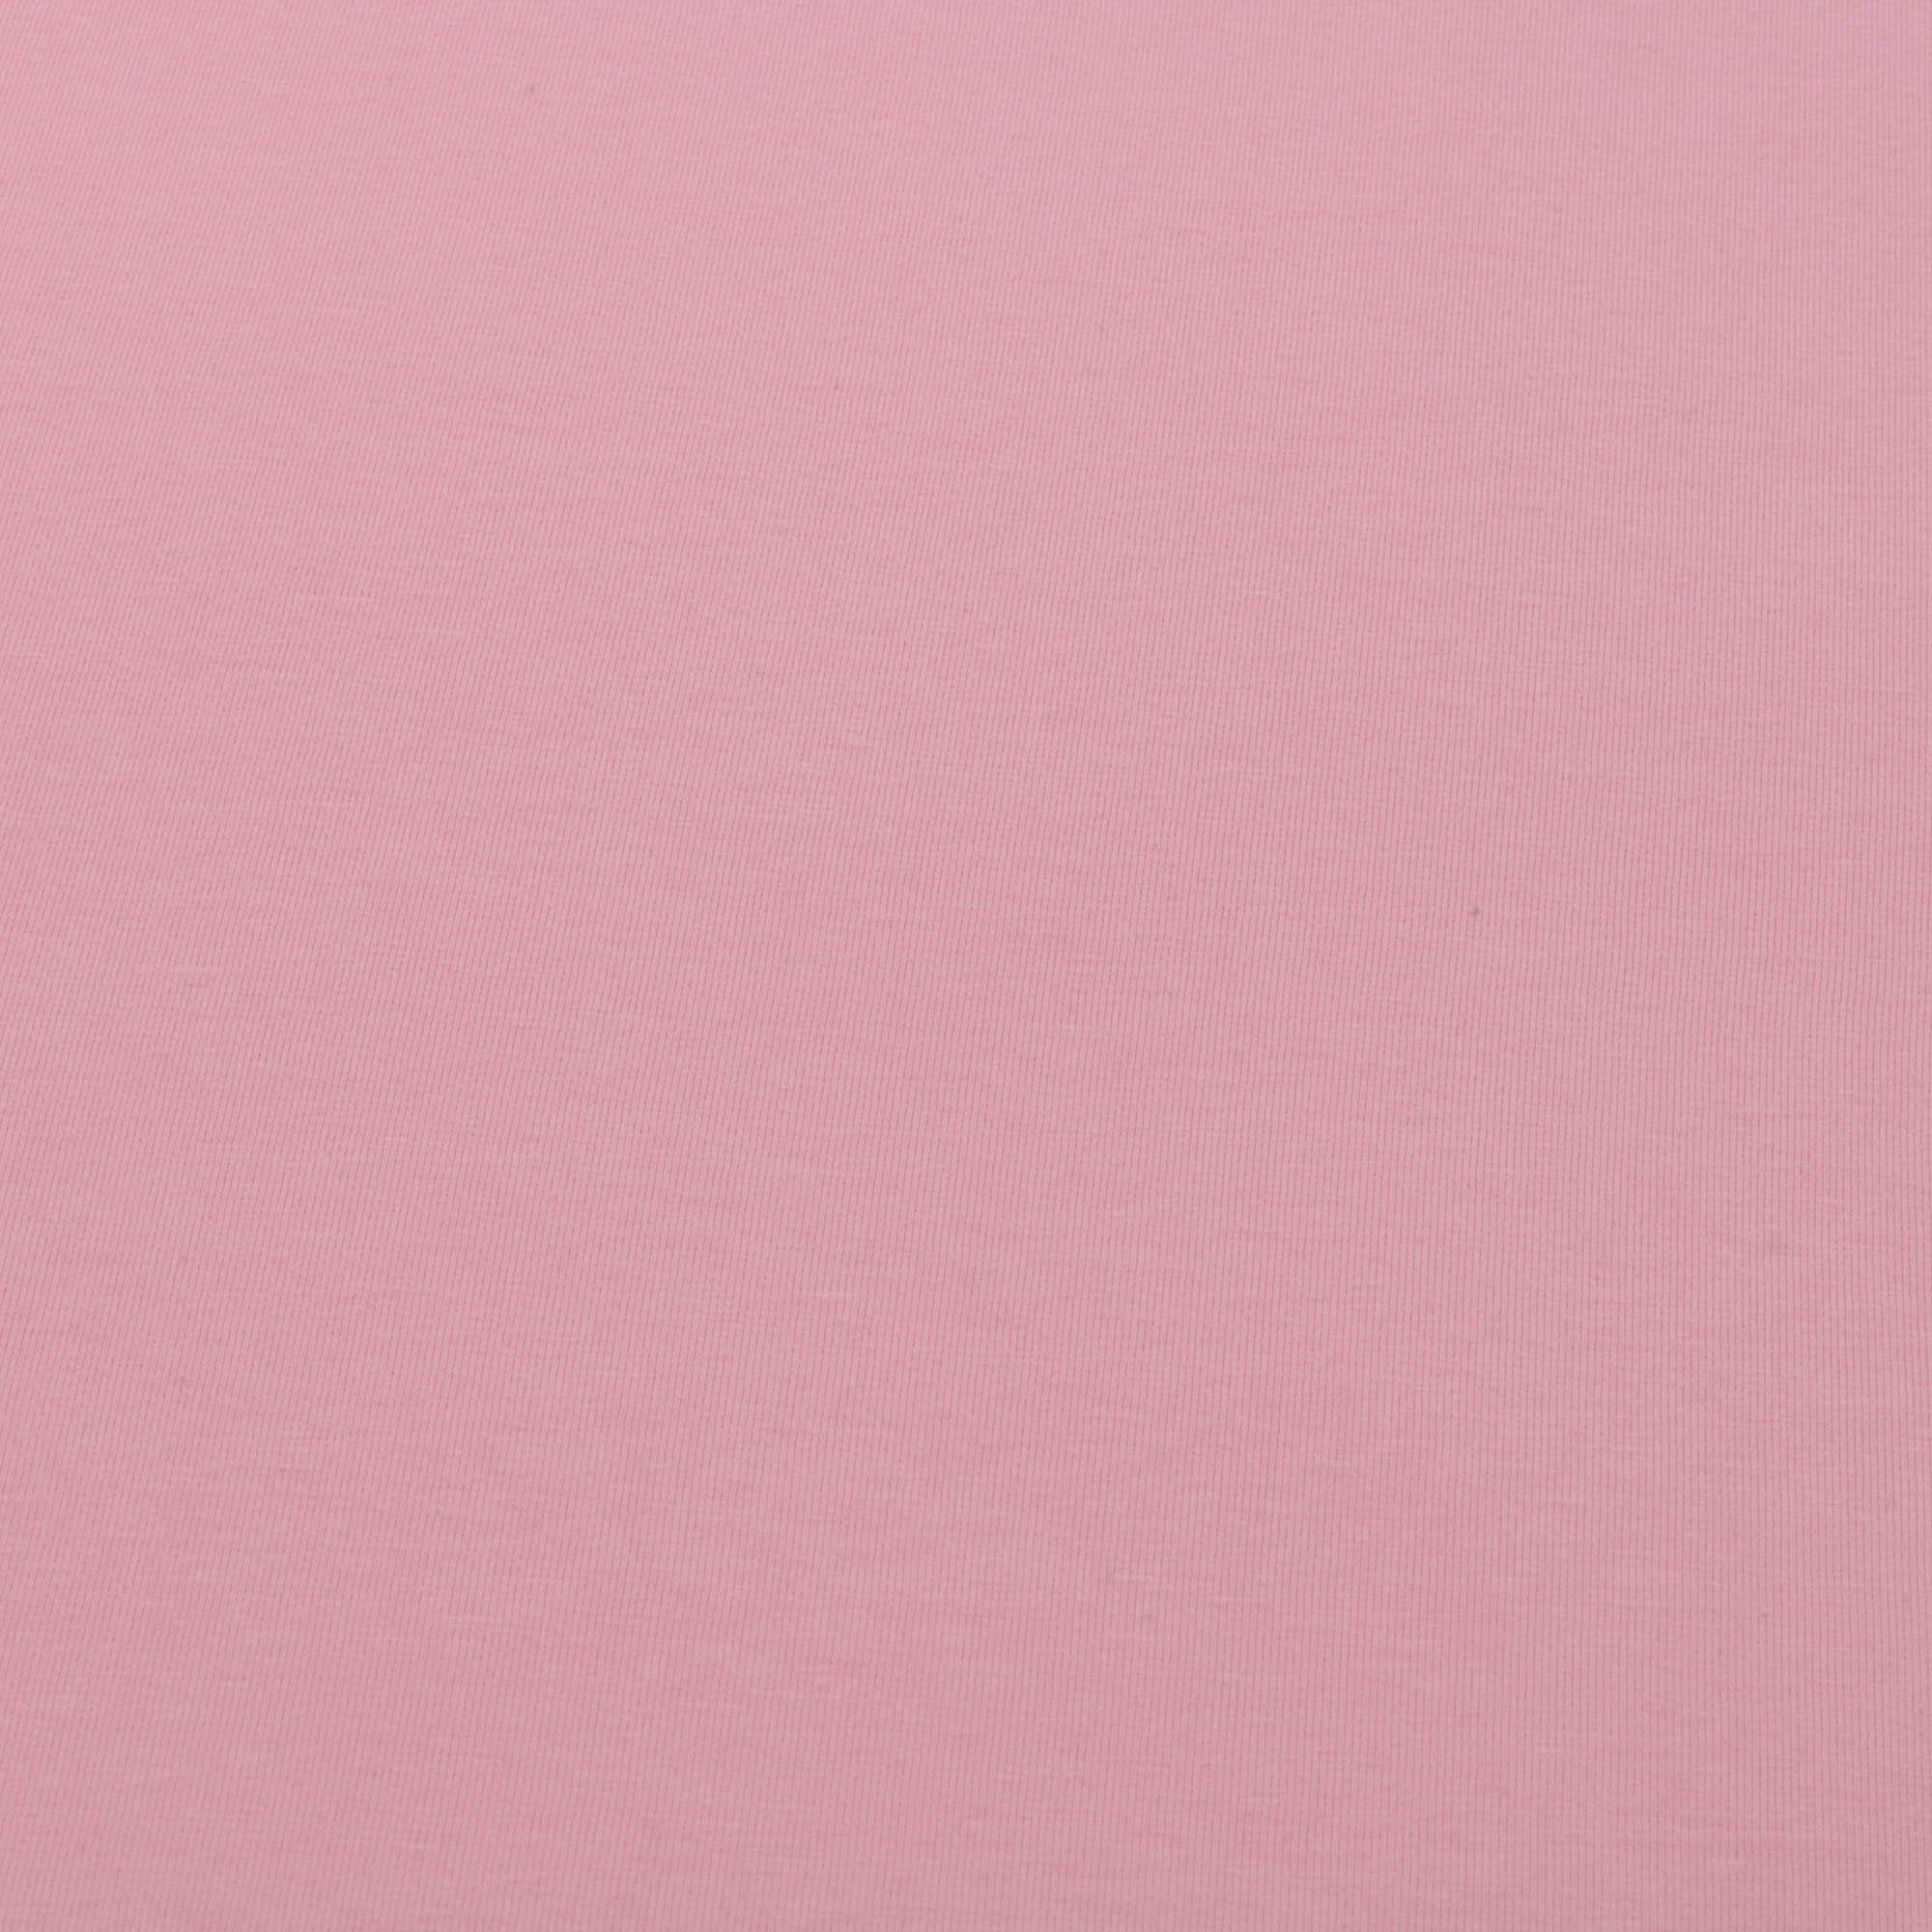 Tecido Malha de Algodão 100% Algodão 1,60 Mt Largura Rosa